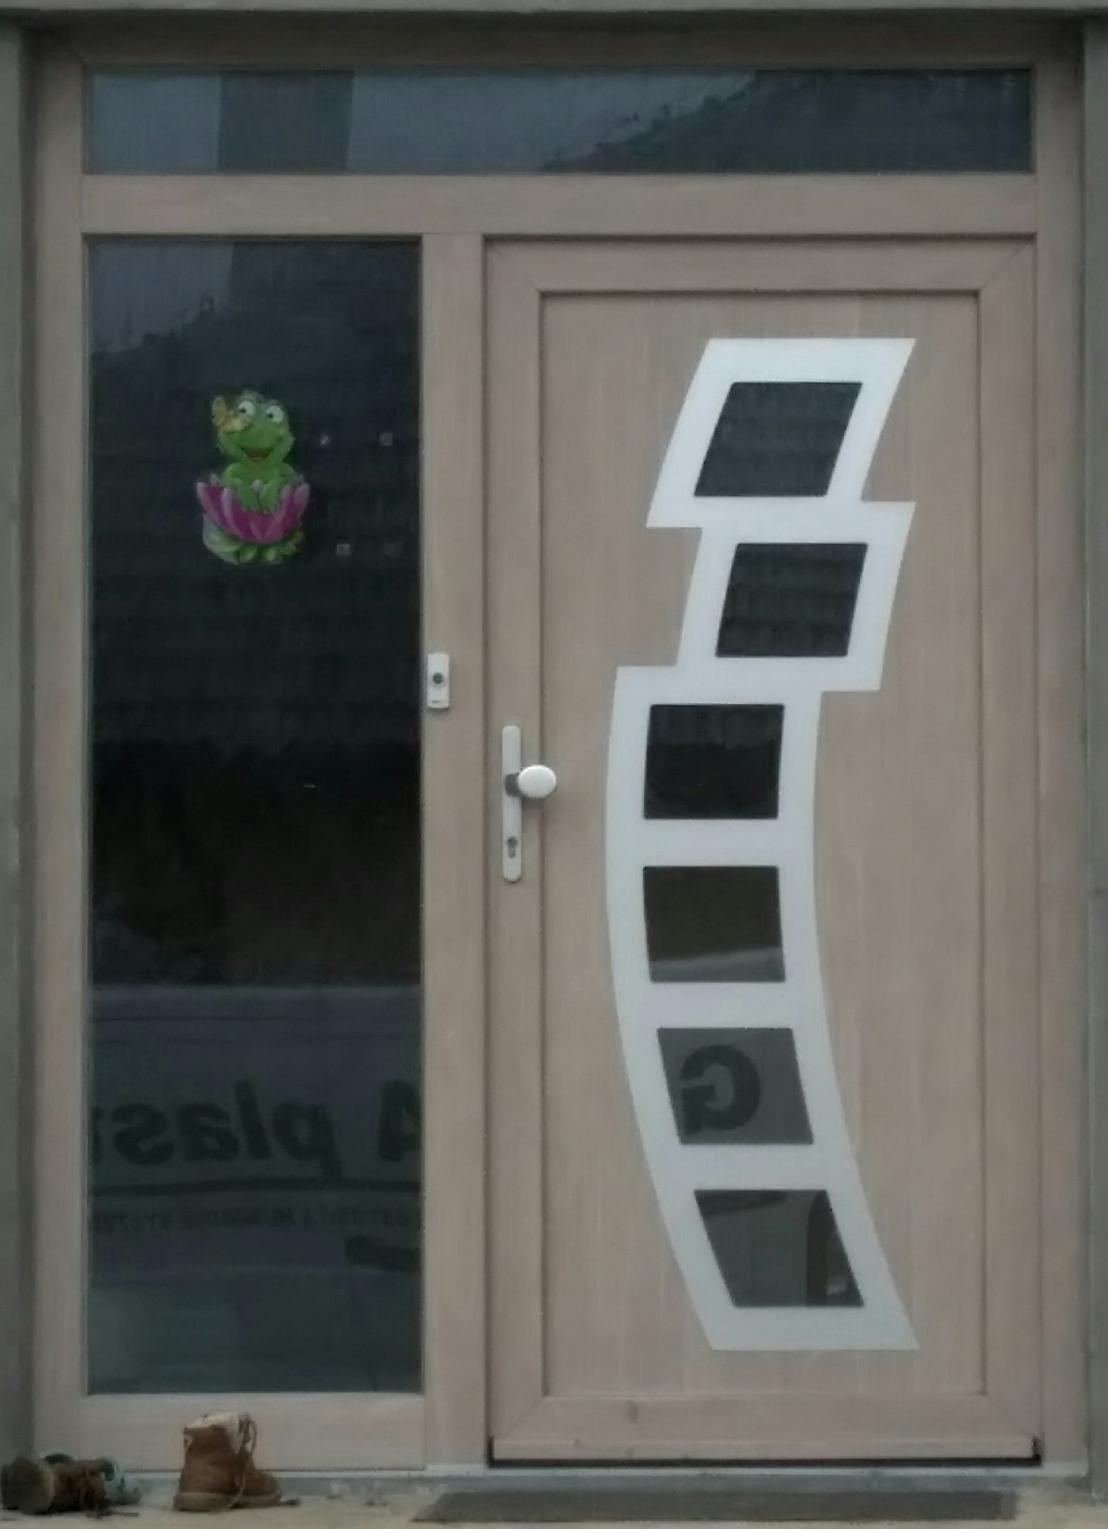 gavaplast_vchodove_dvere - Vchodové dvere s HPL dvernou výplňou GAVA 892